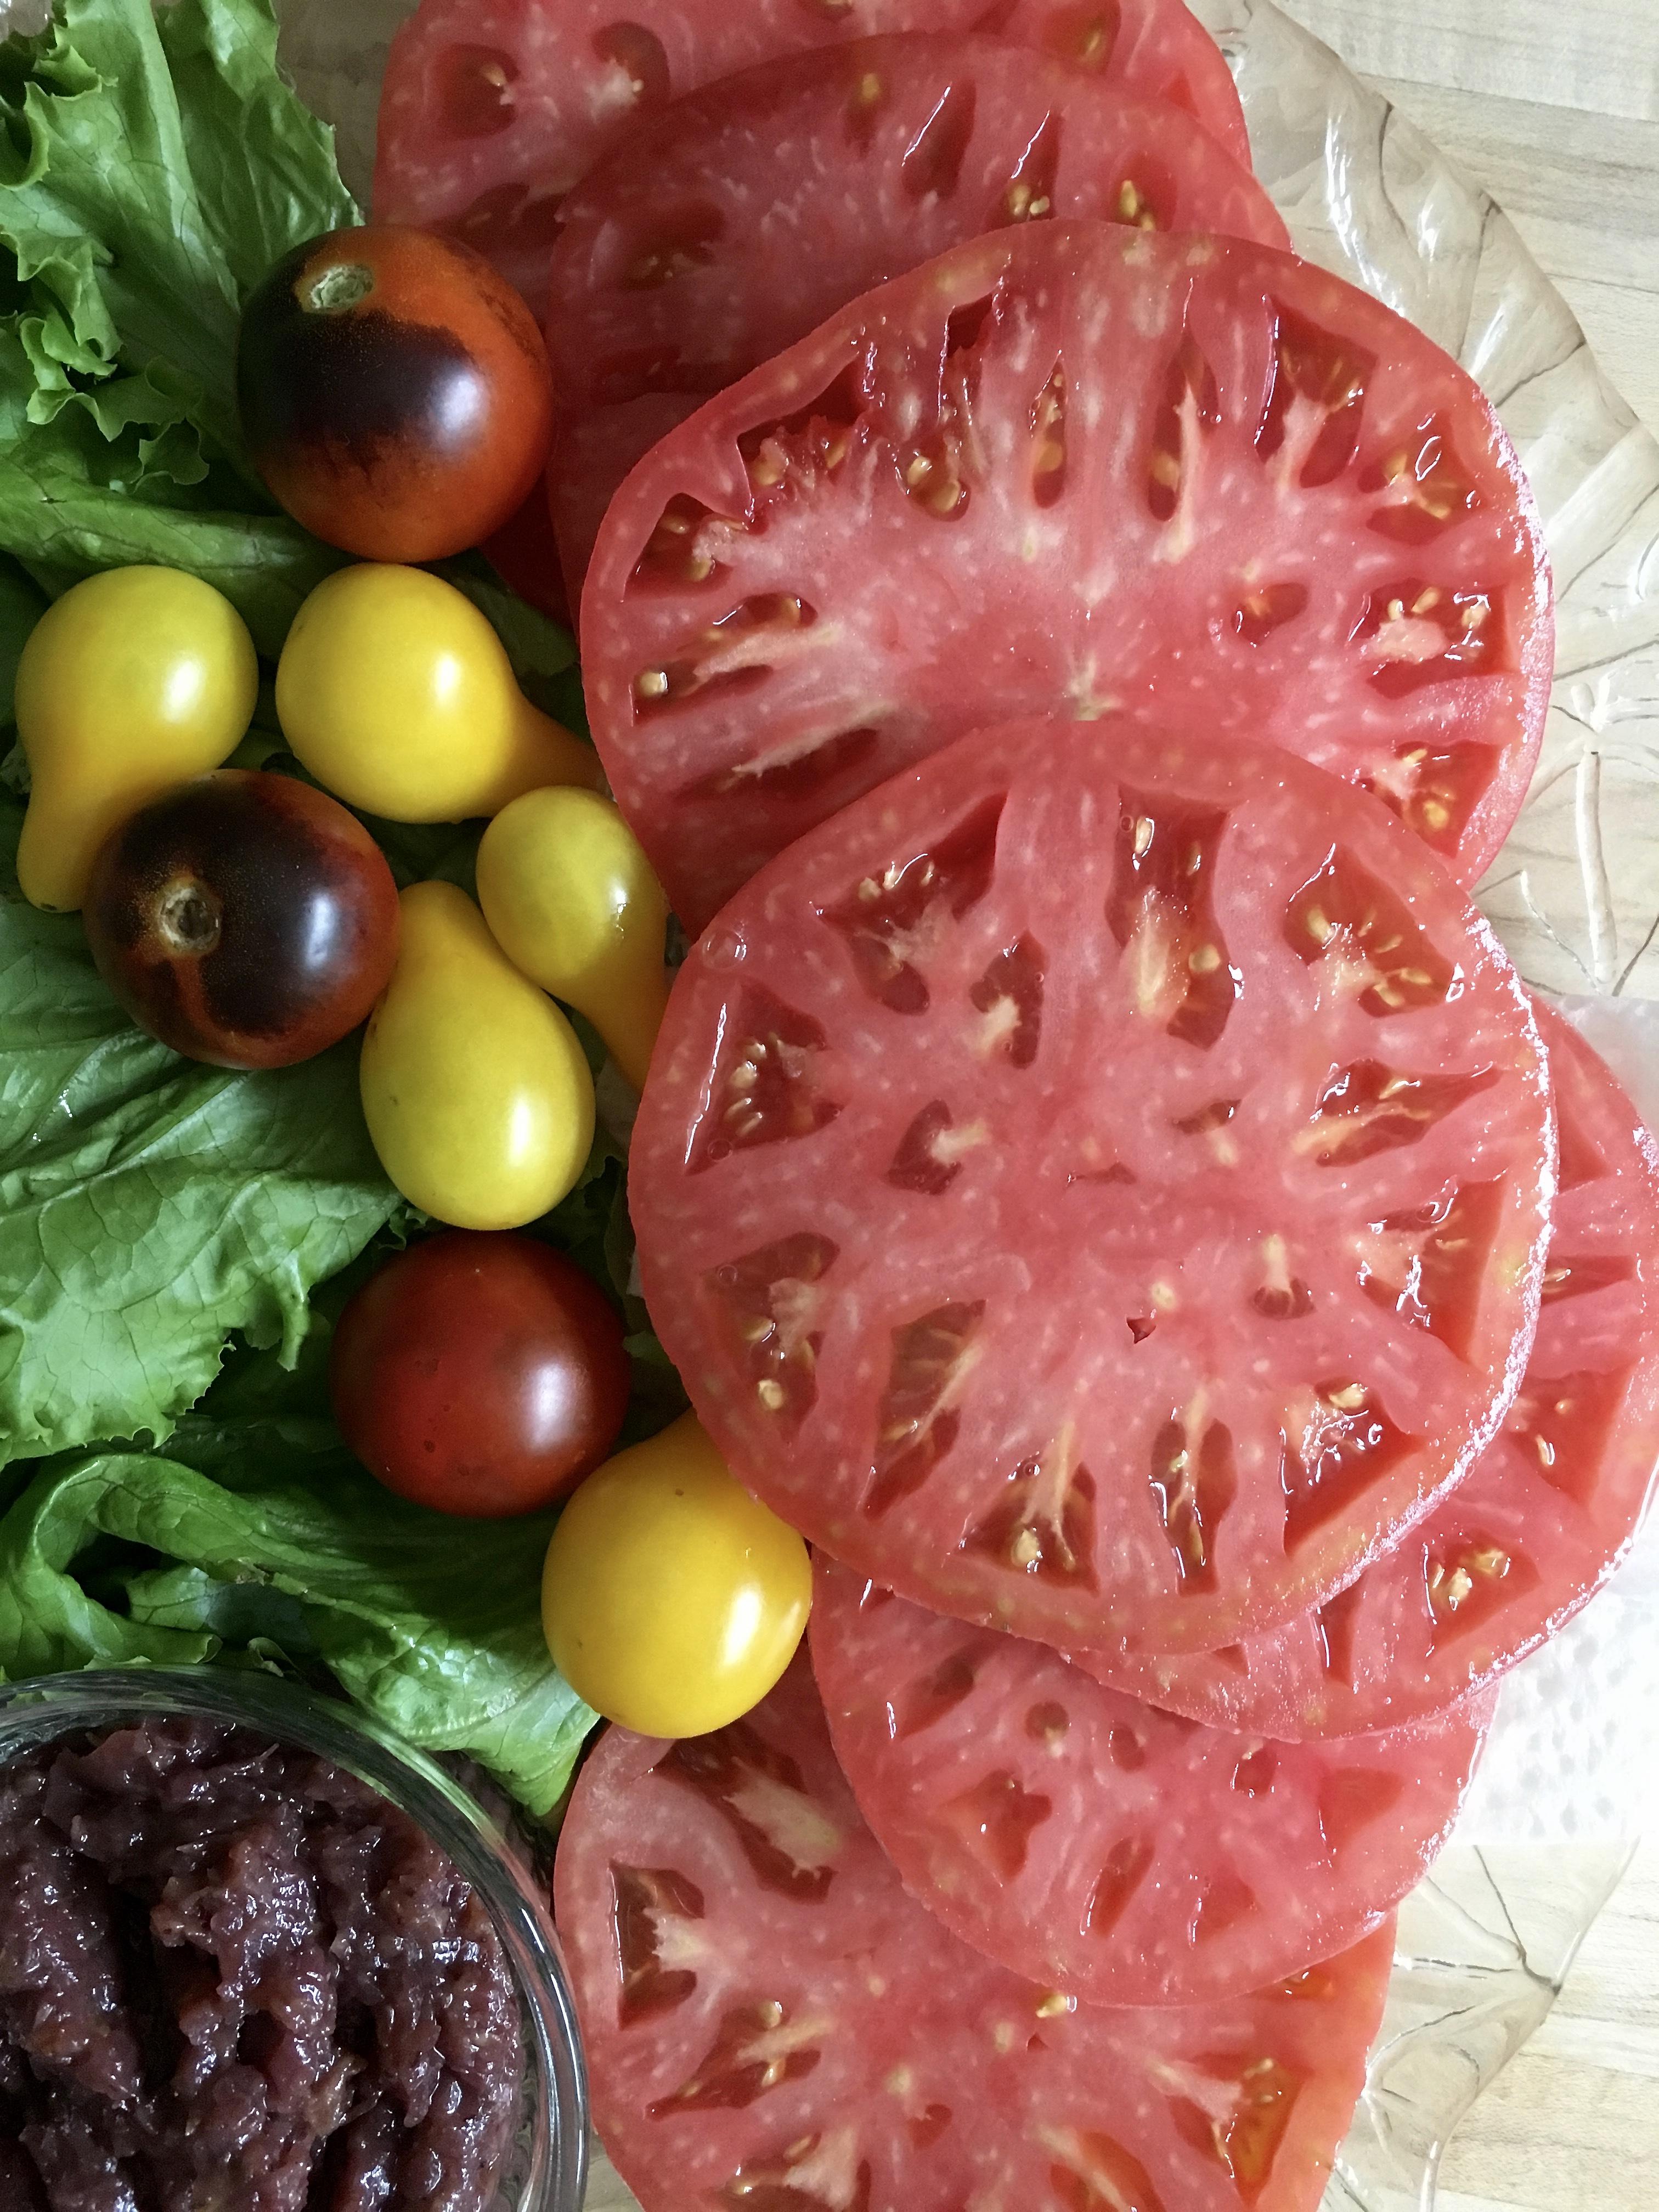 fresh sliced tomatoes